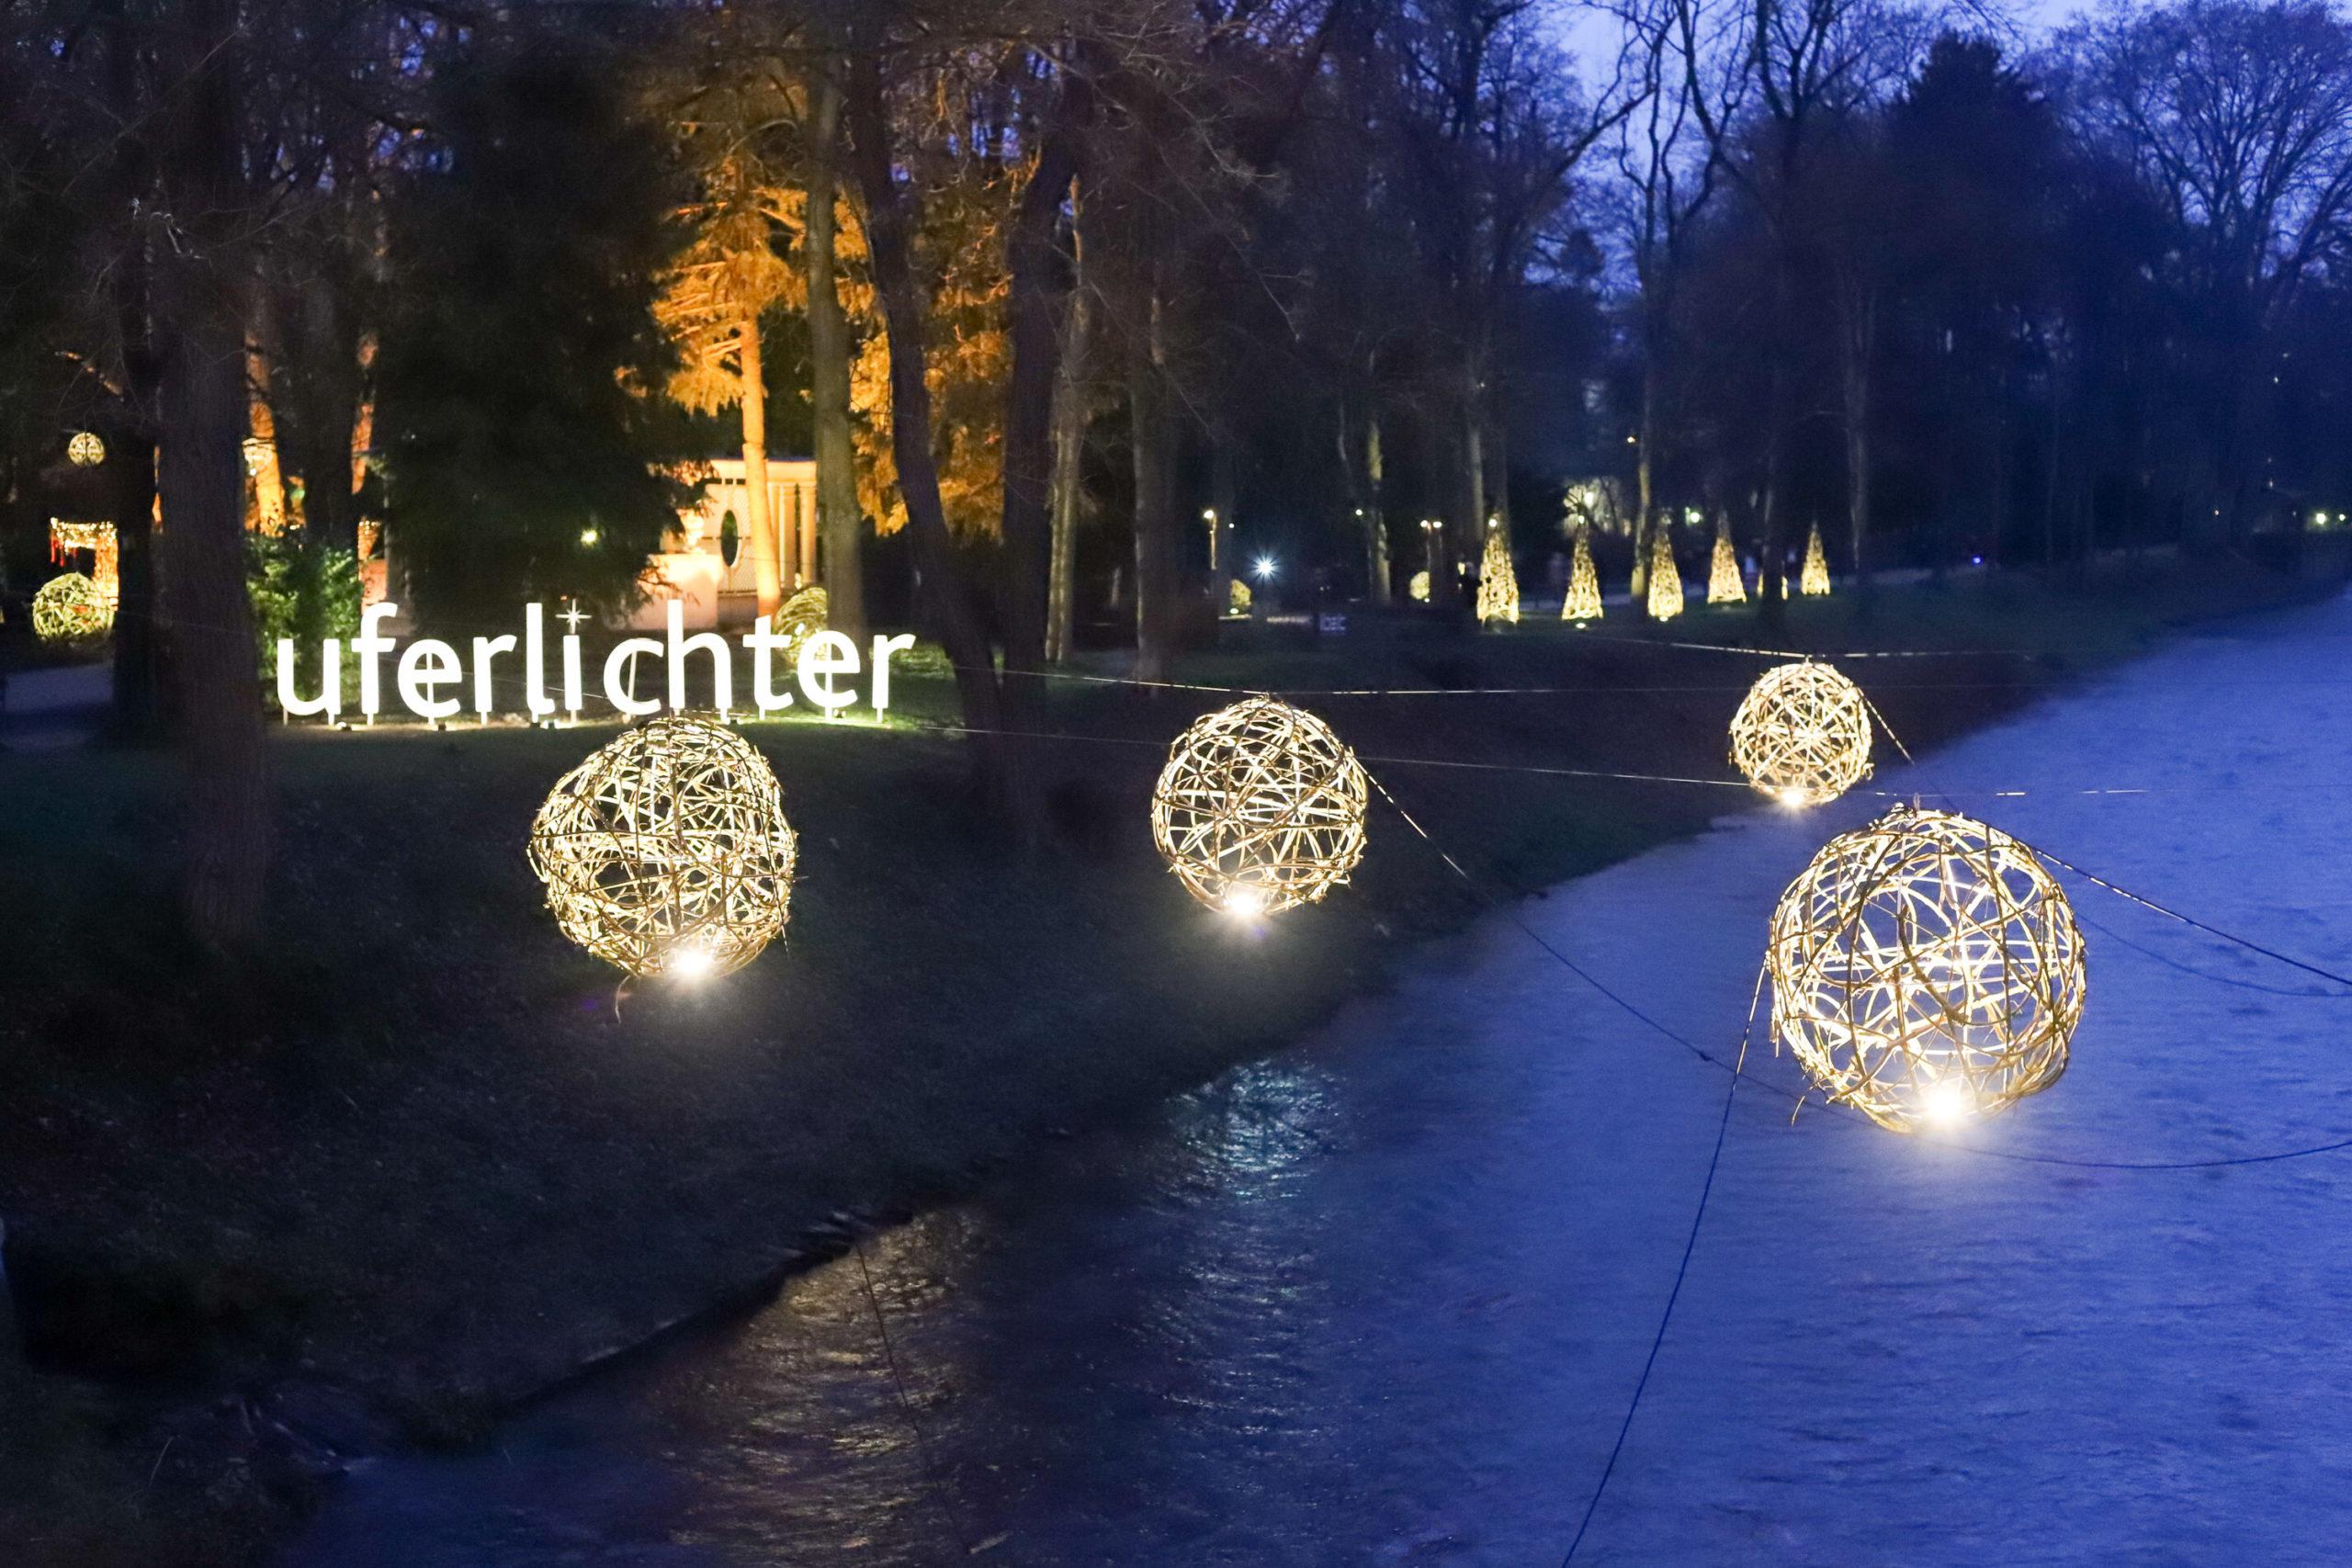 """Von der Brücke ans linke Ufer fotografiert. Über dem Wasser hängen vier mittelgroße Kugeln aus Holz geflechtet und beleuchtet. Am Ufer steht ein Leuchtschriftzug """"Uferlichter"""". Im Hintergrund sind beleuchtete Dreiecke, die an Weihnachtsbäume erinnern, zu erkennen."""